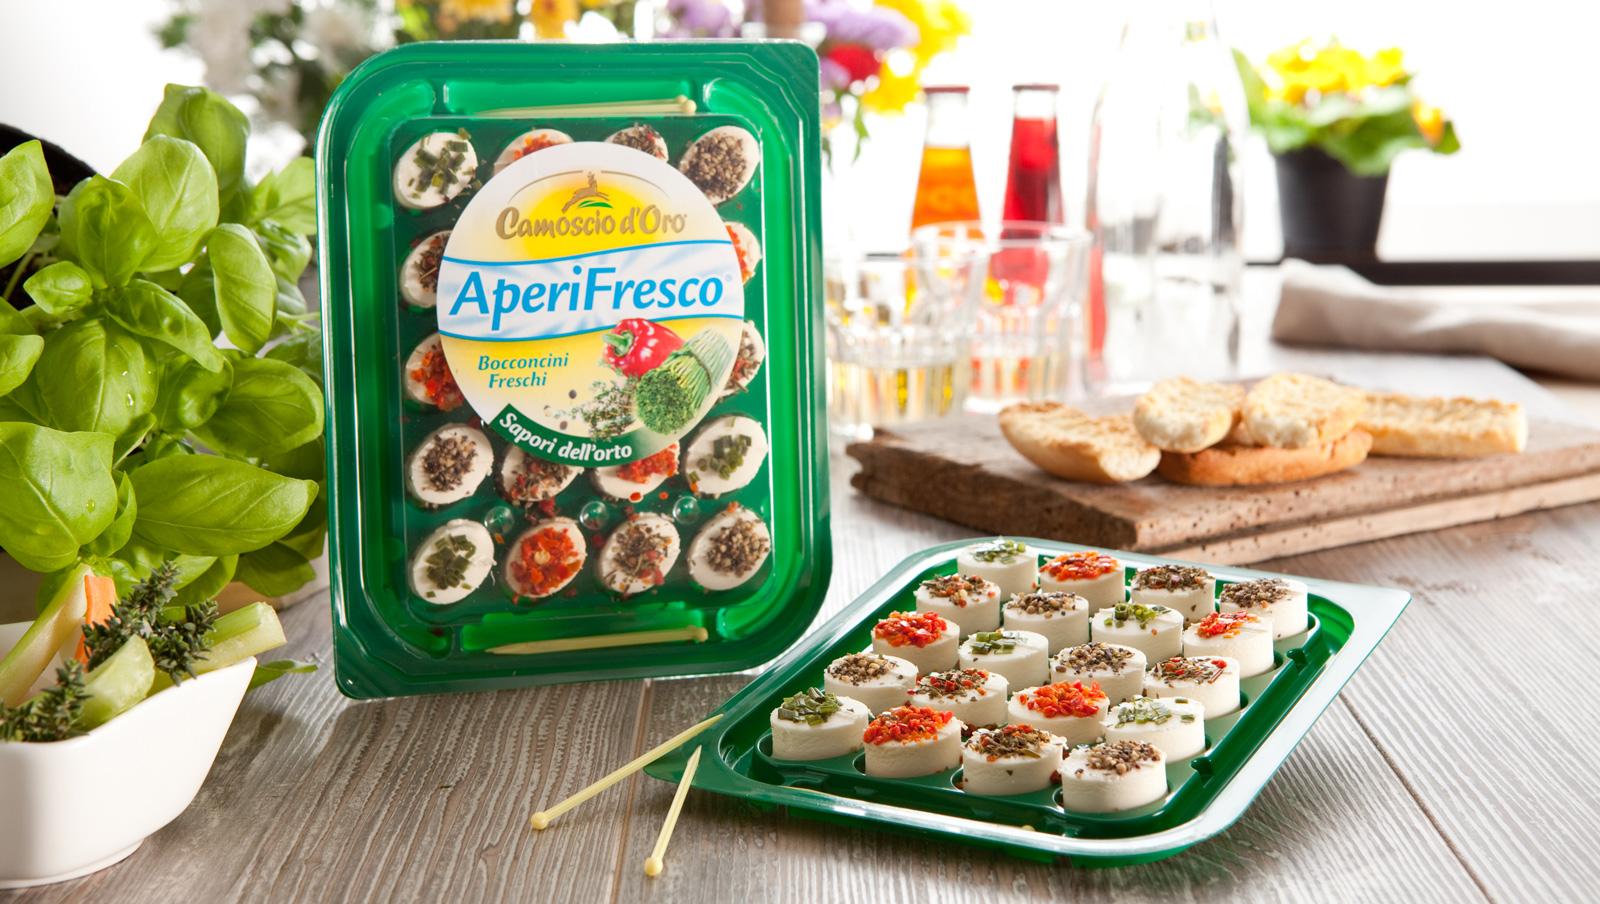 Formaggio per aperitivo - AperiFresco Sapori dell'orto